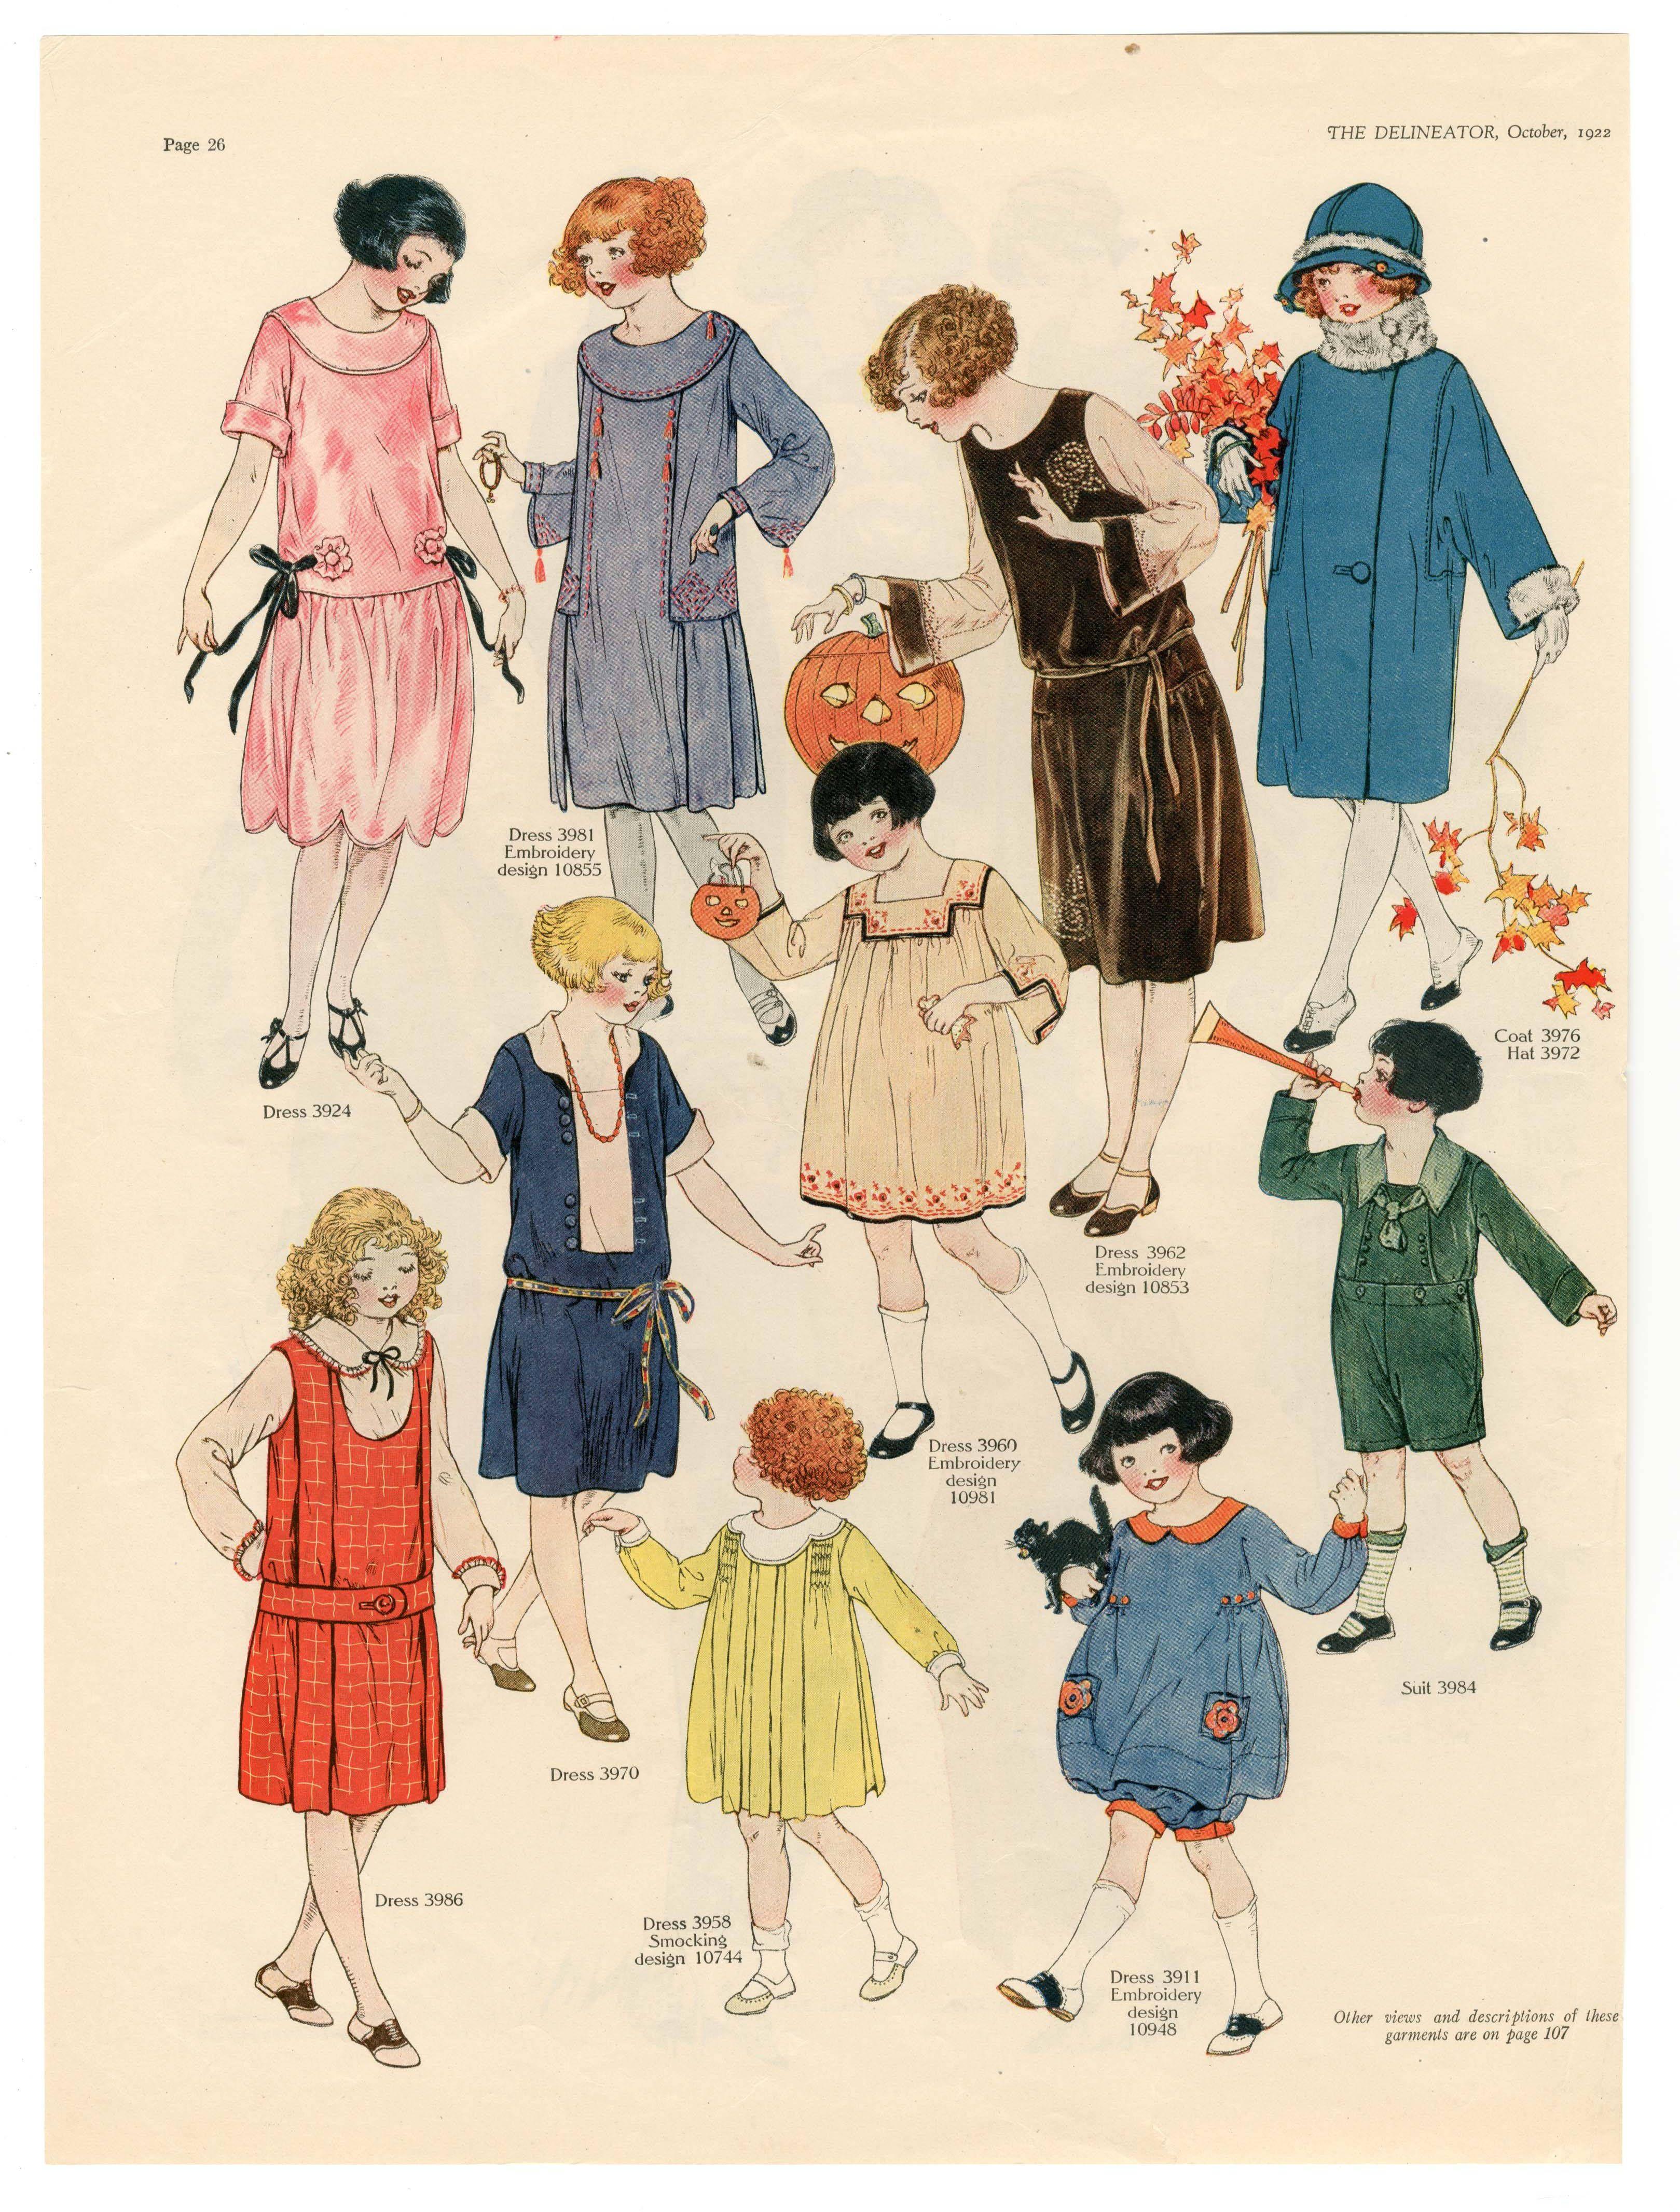 Us childrenus clothing fashion plate vintage girlus fashion in